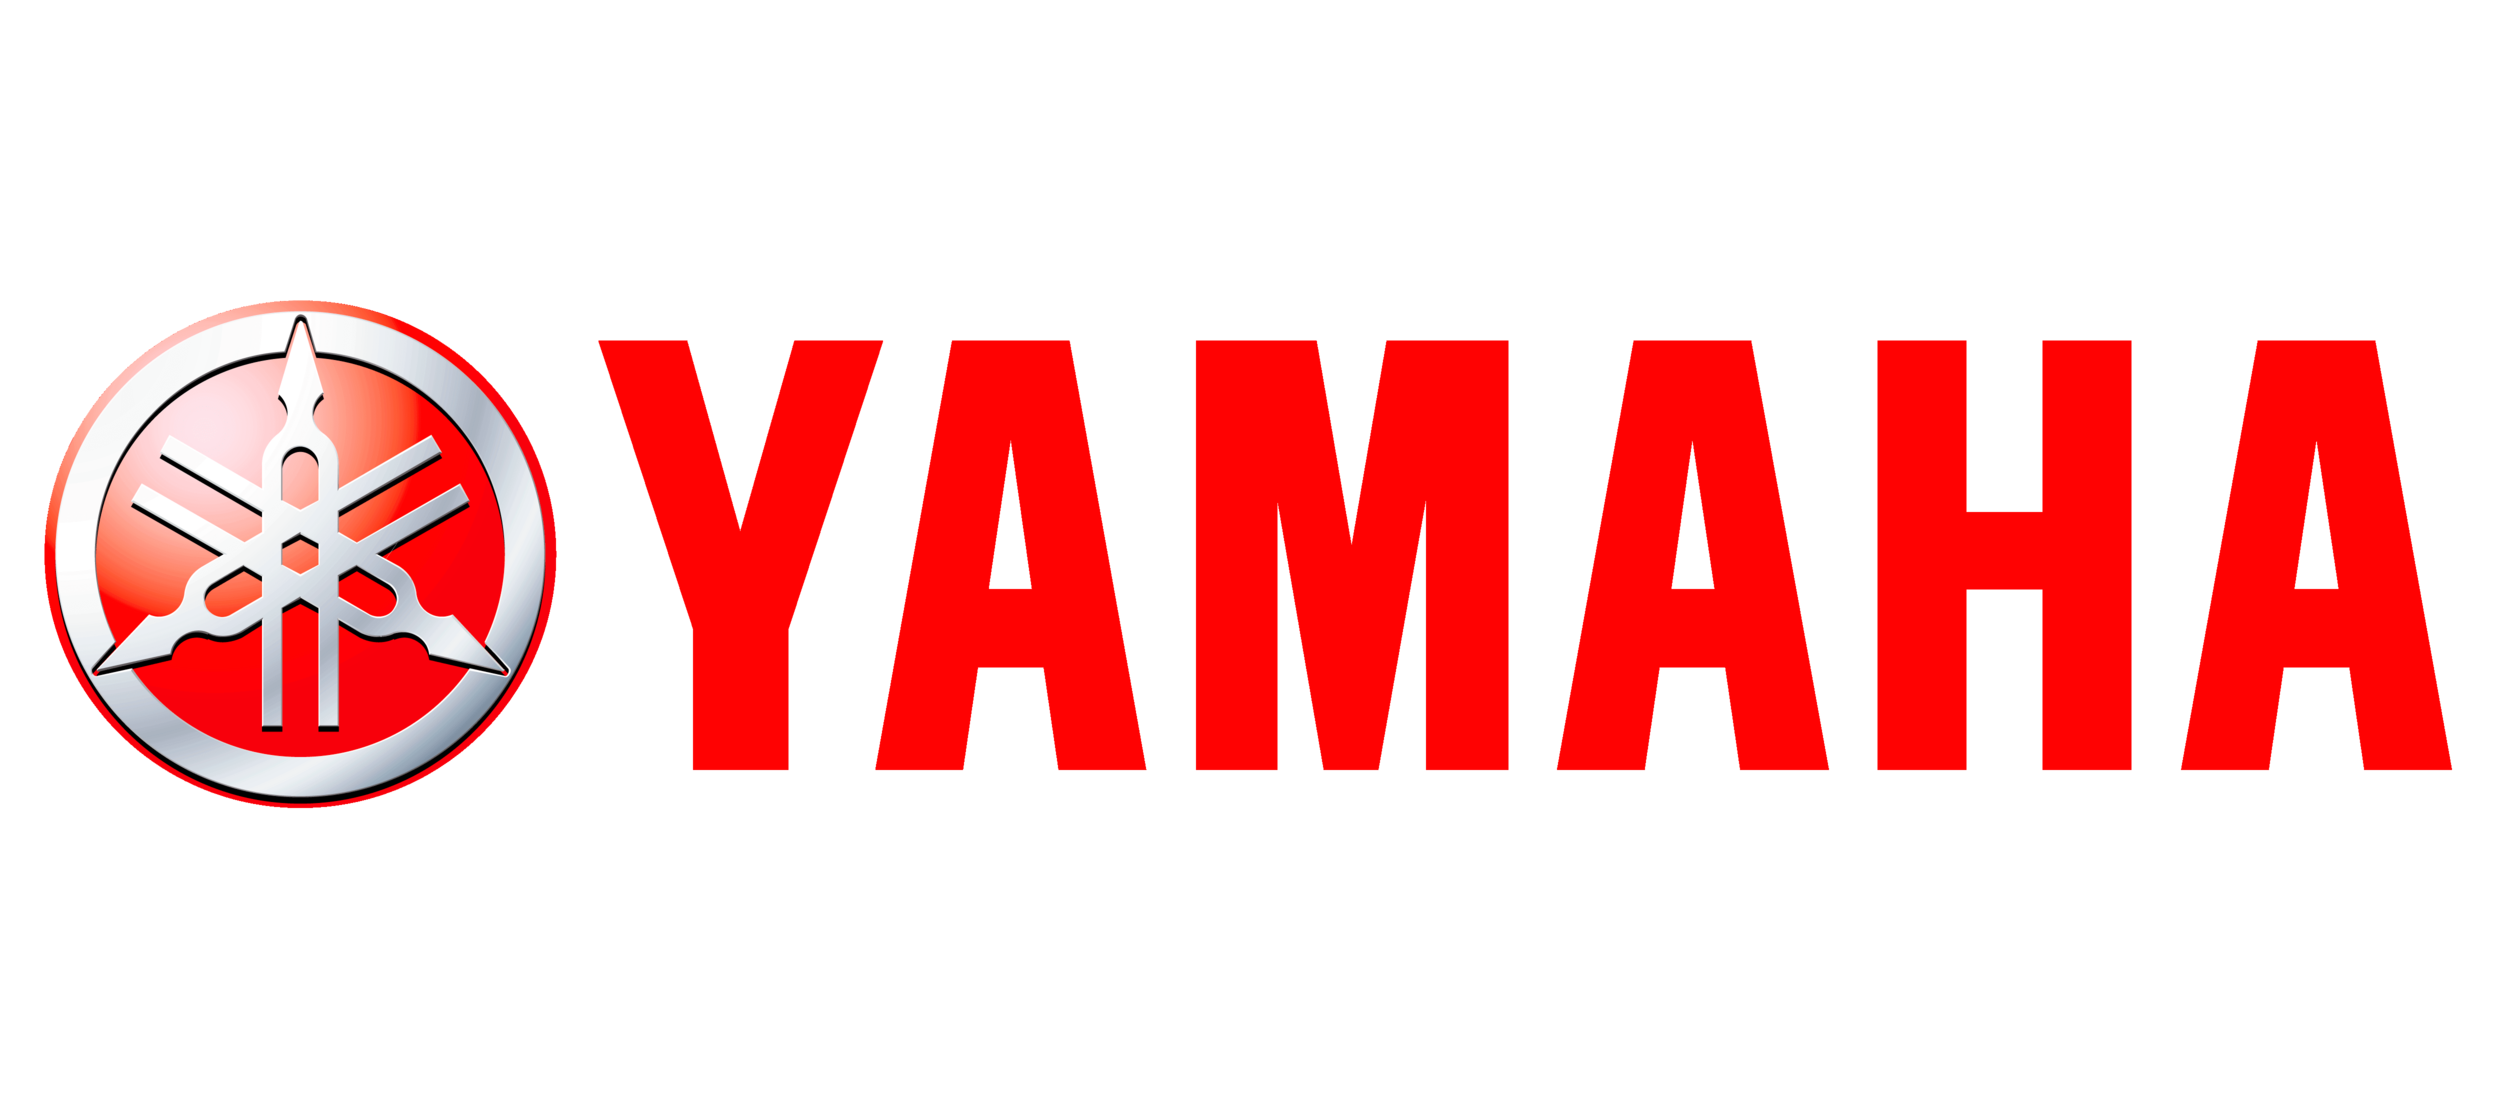 Yamaha 2 Logo.png